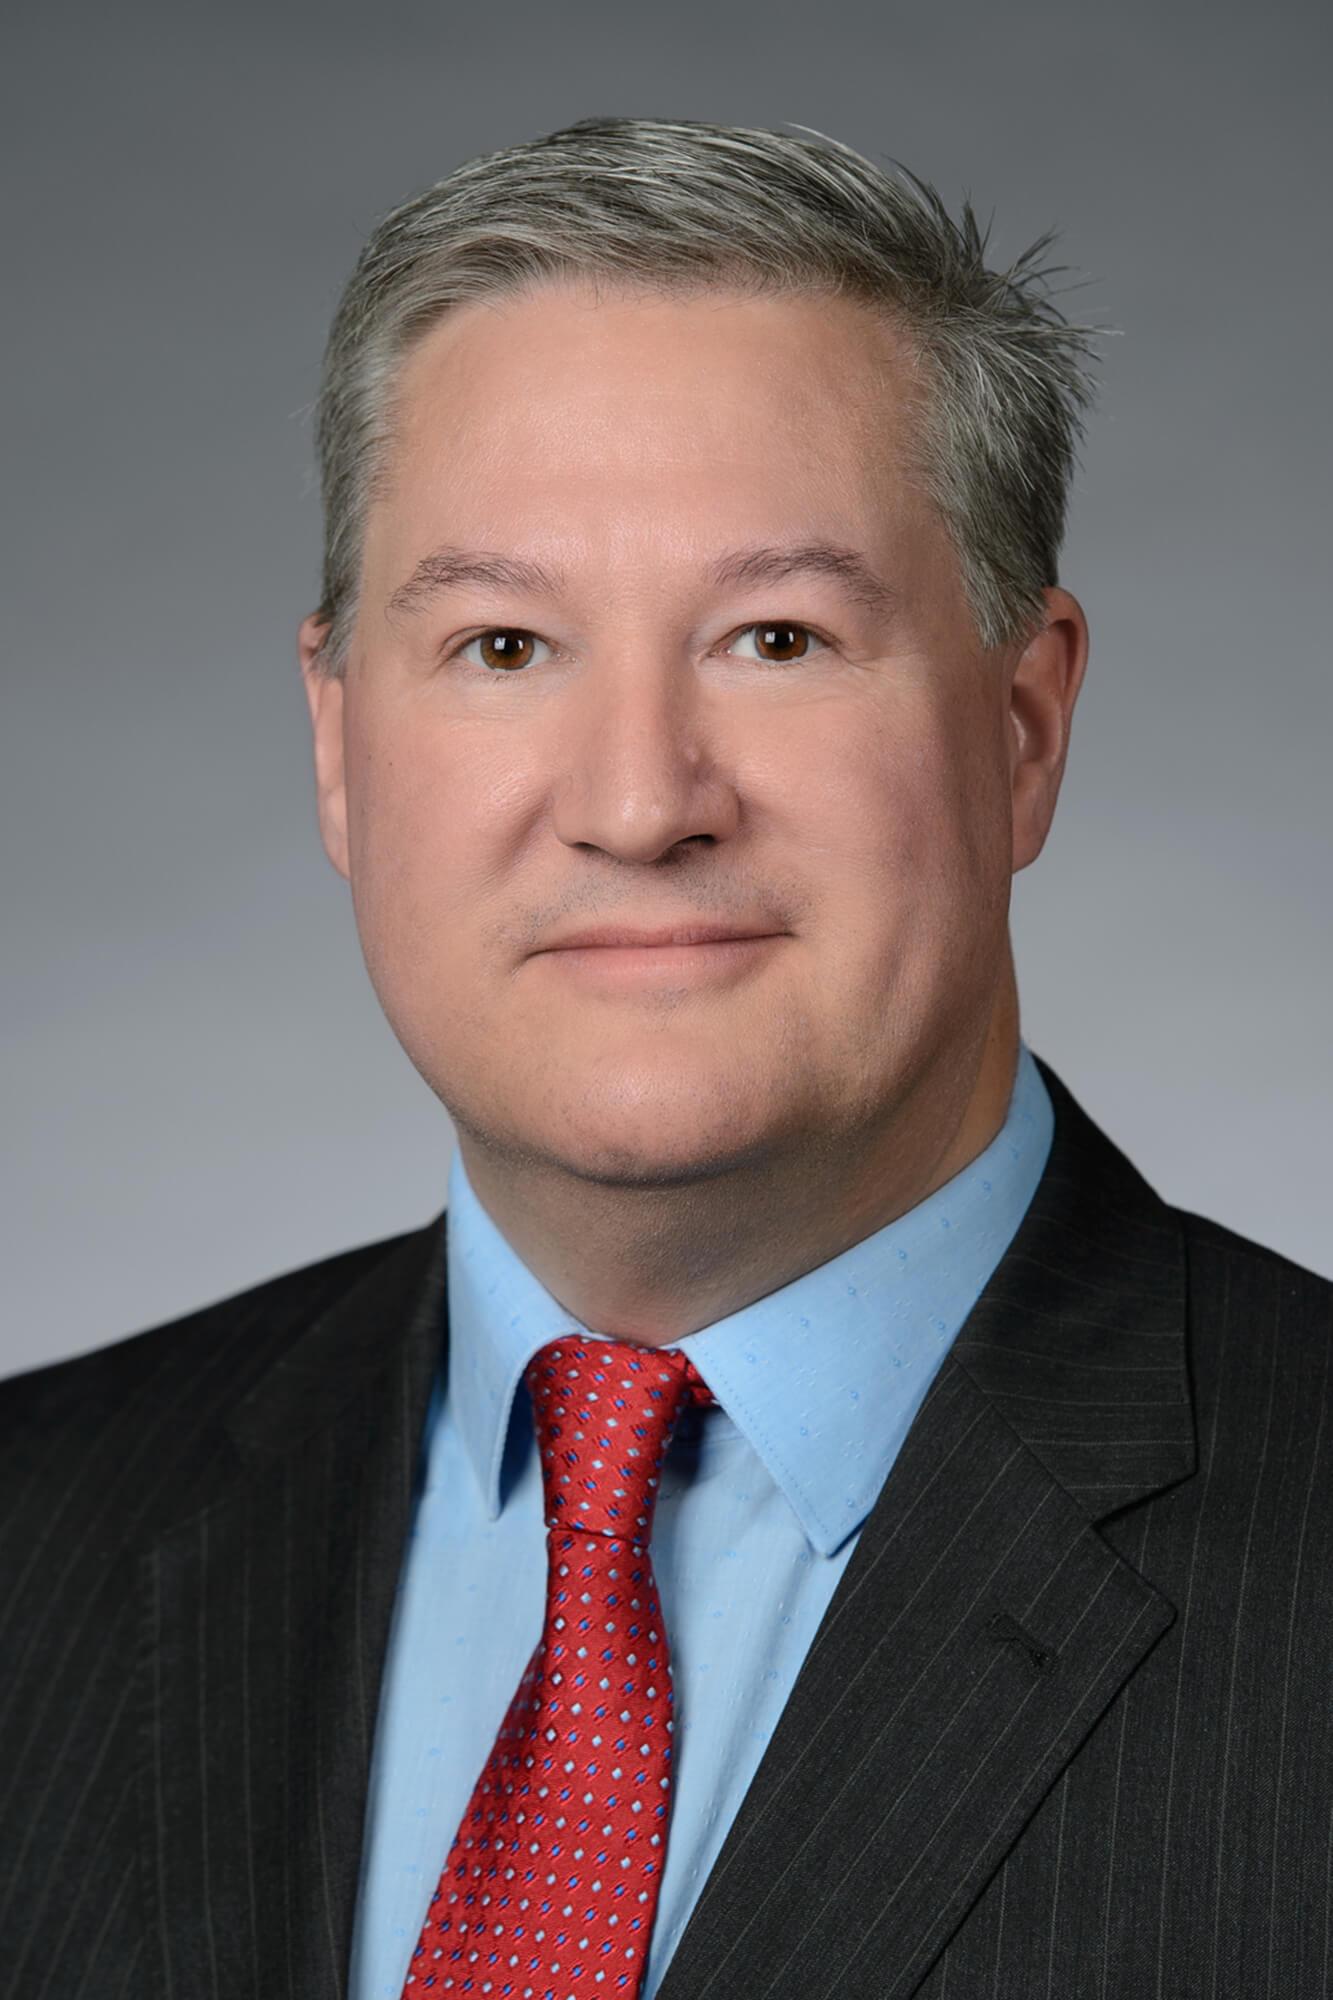 Joel Williquette